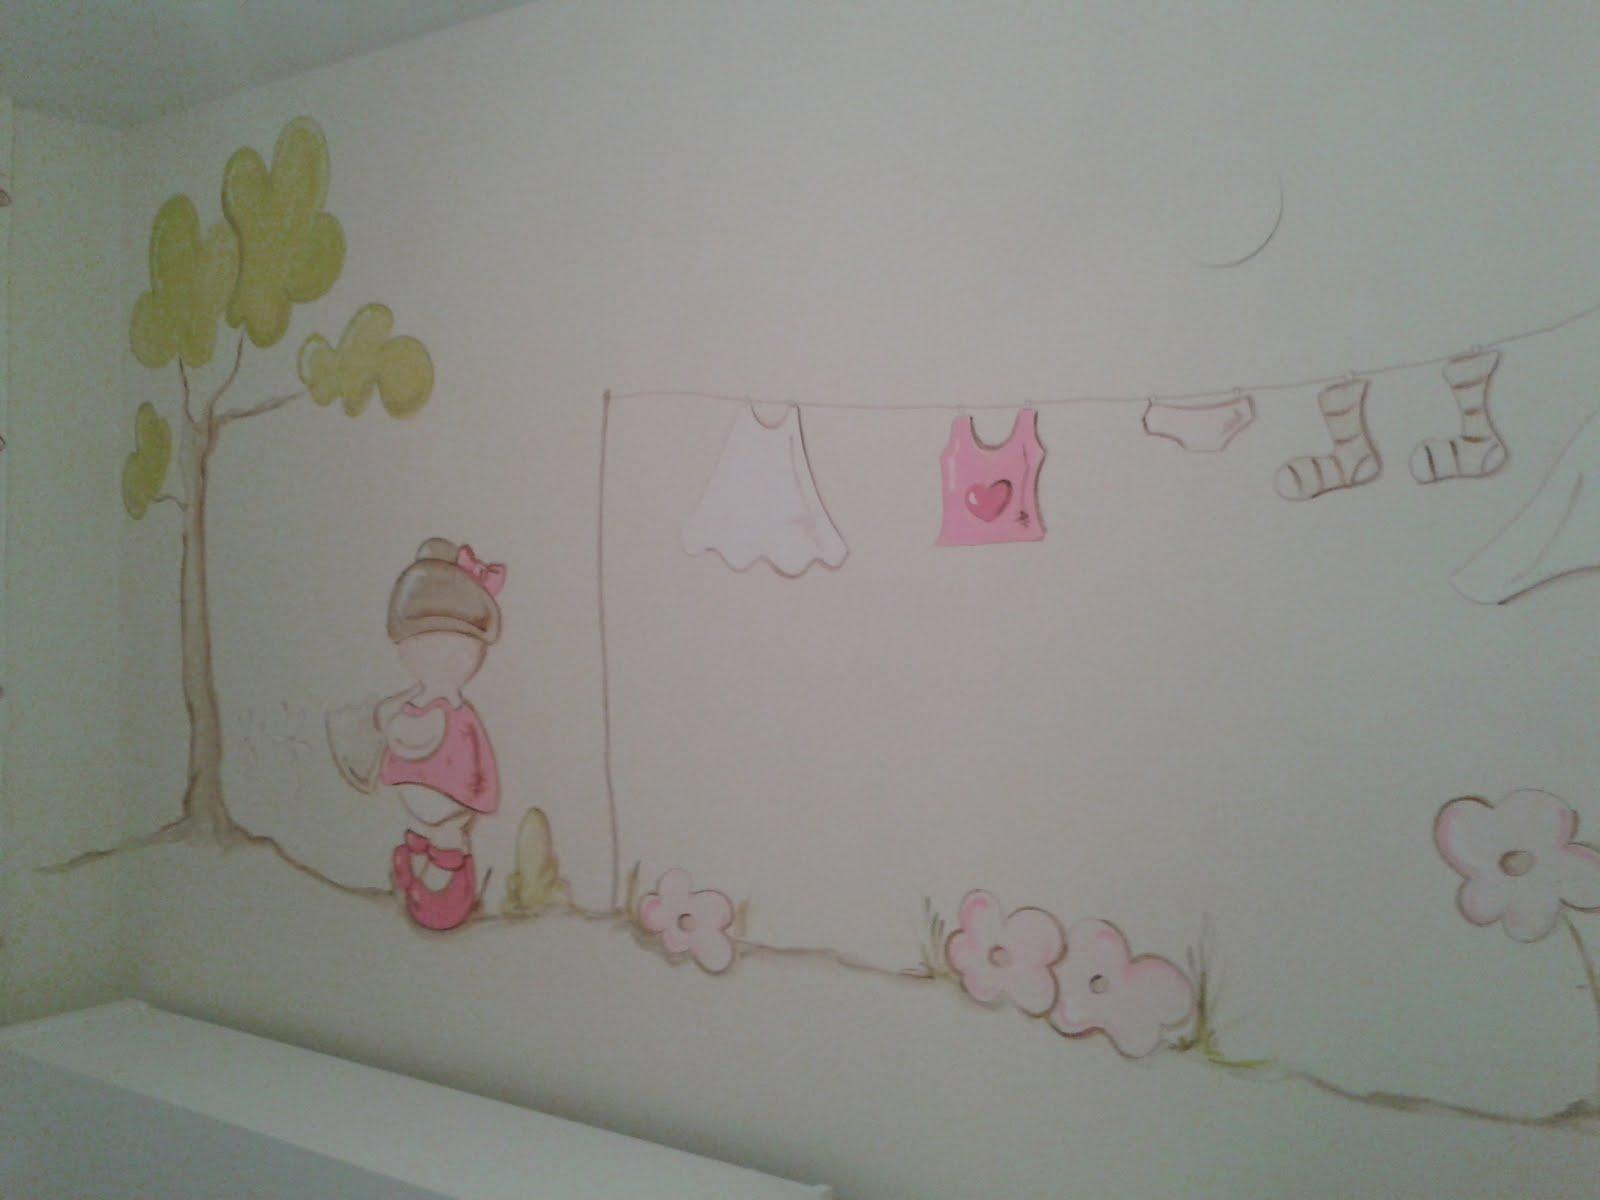 Des murs enchant s peinture murale desmursenchantes pourdecorer les murs de la chambre et for Peinture murale chambre